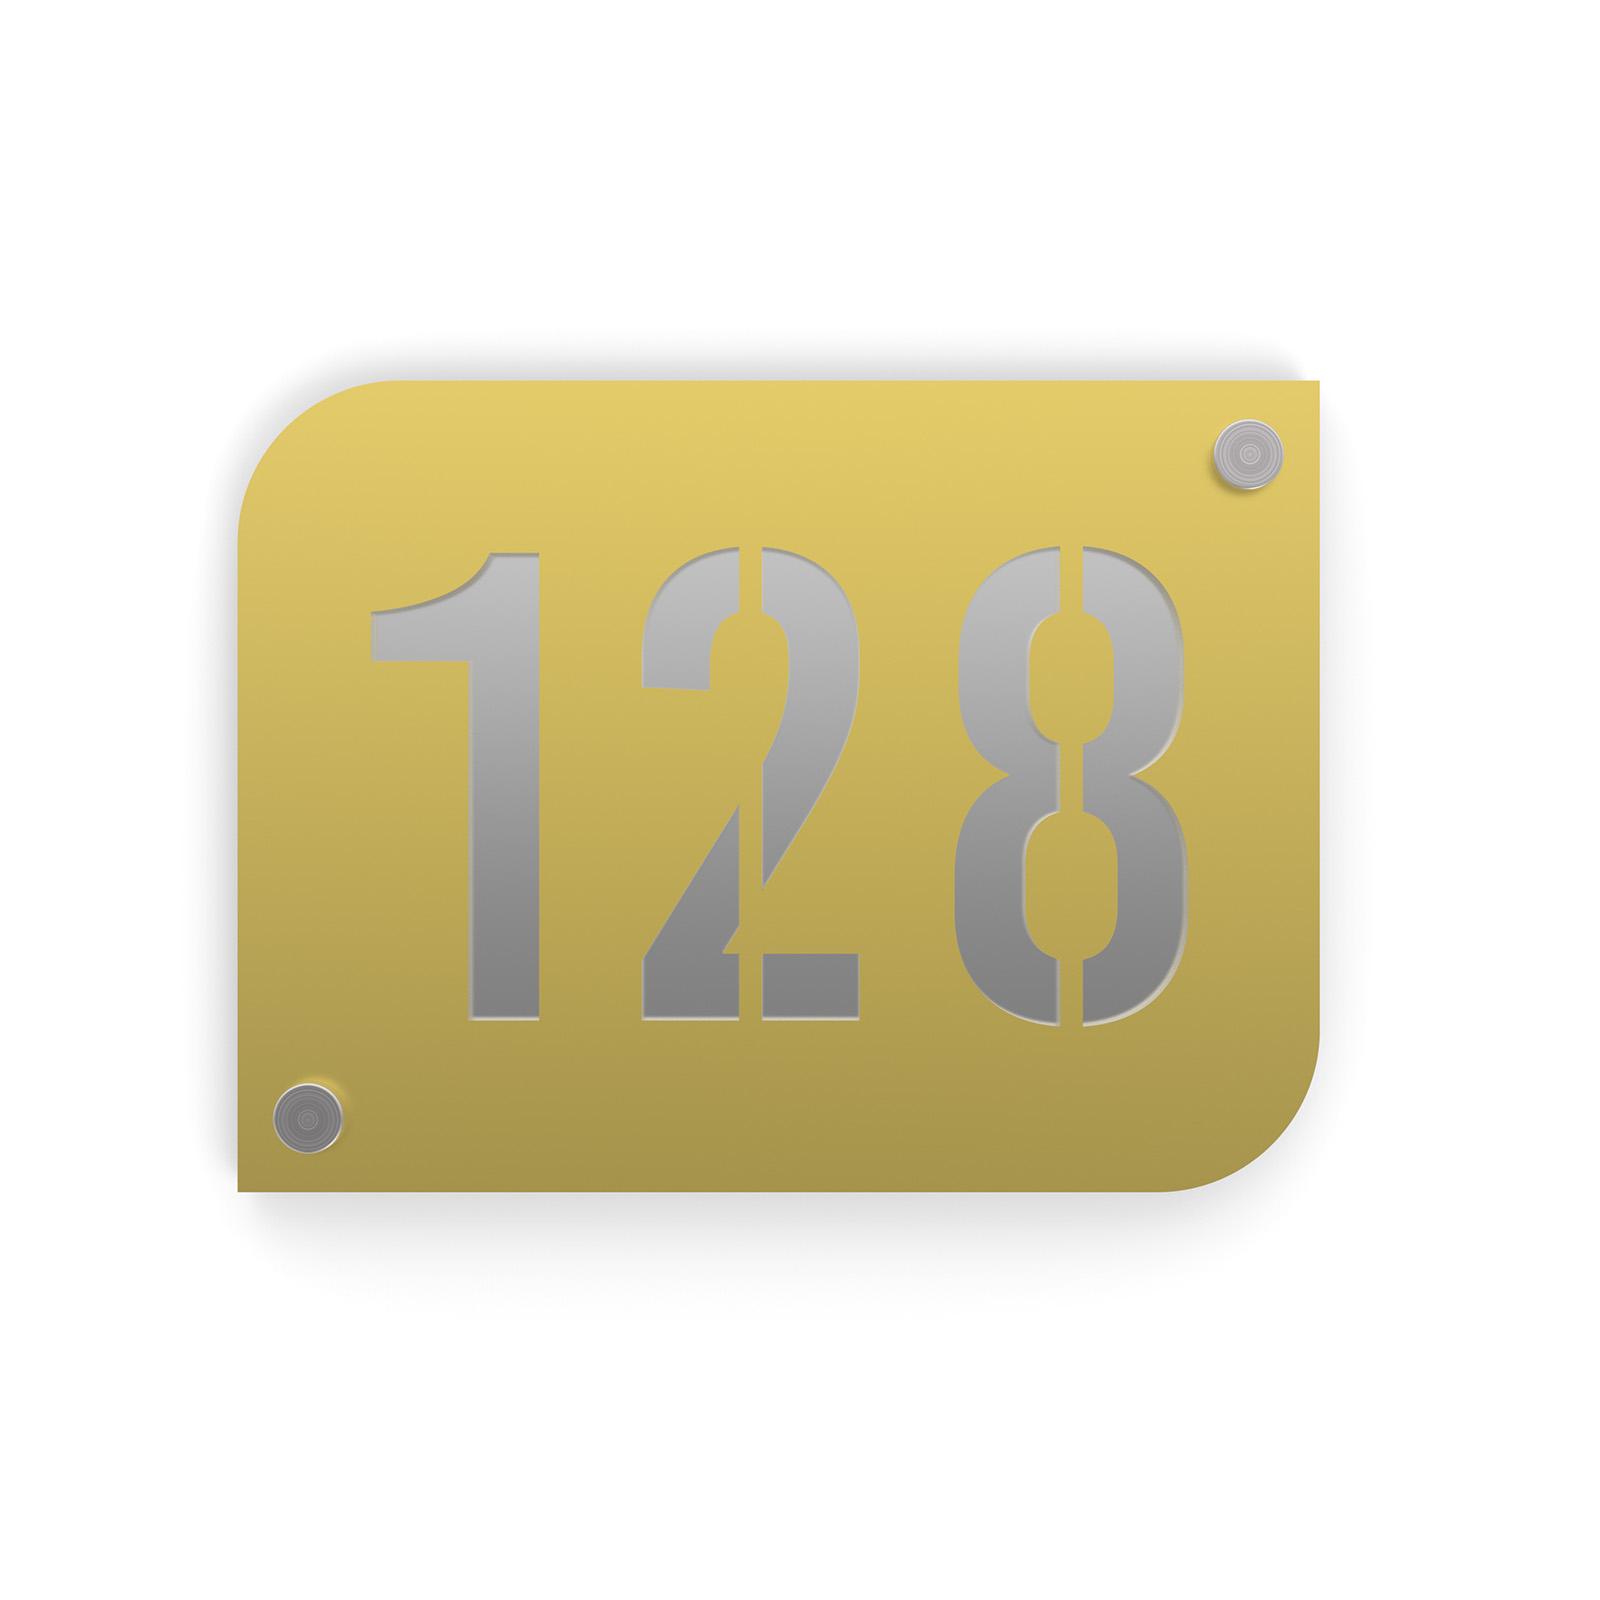 Plaque numéro de rue / maison couleur or design avec fond personnalisable - Modèle URBAN